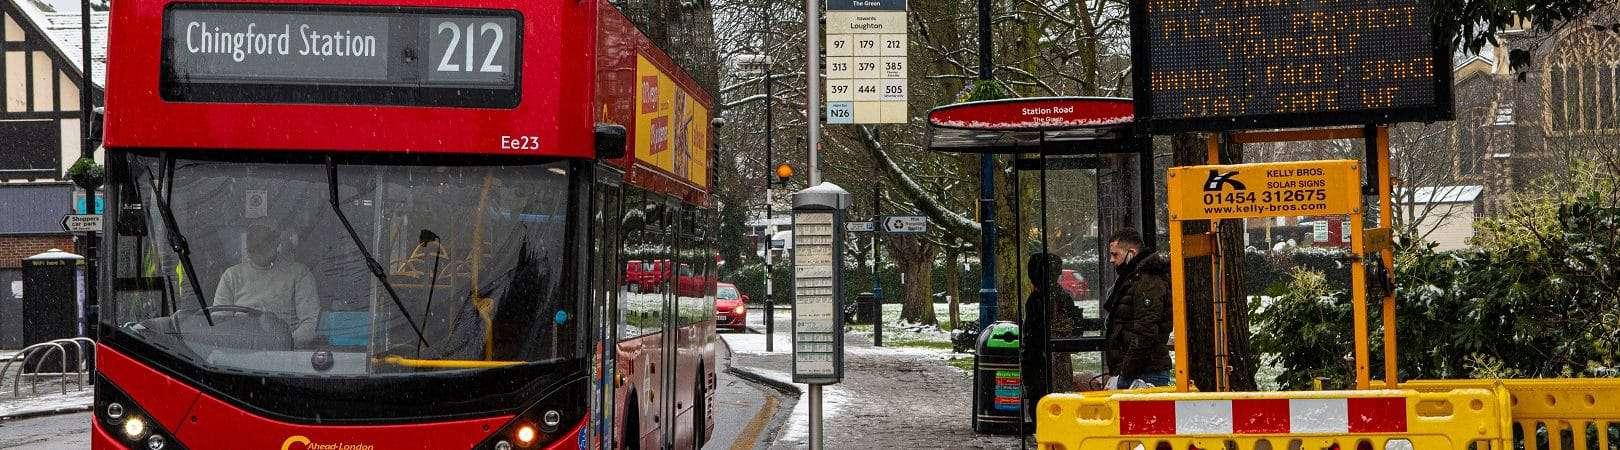 Uma placa de informação pública na Station Road em Chingford, Londres, lembra as pessoas sobre a nova variante de Covid-19 e pede para ficarem seguras